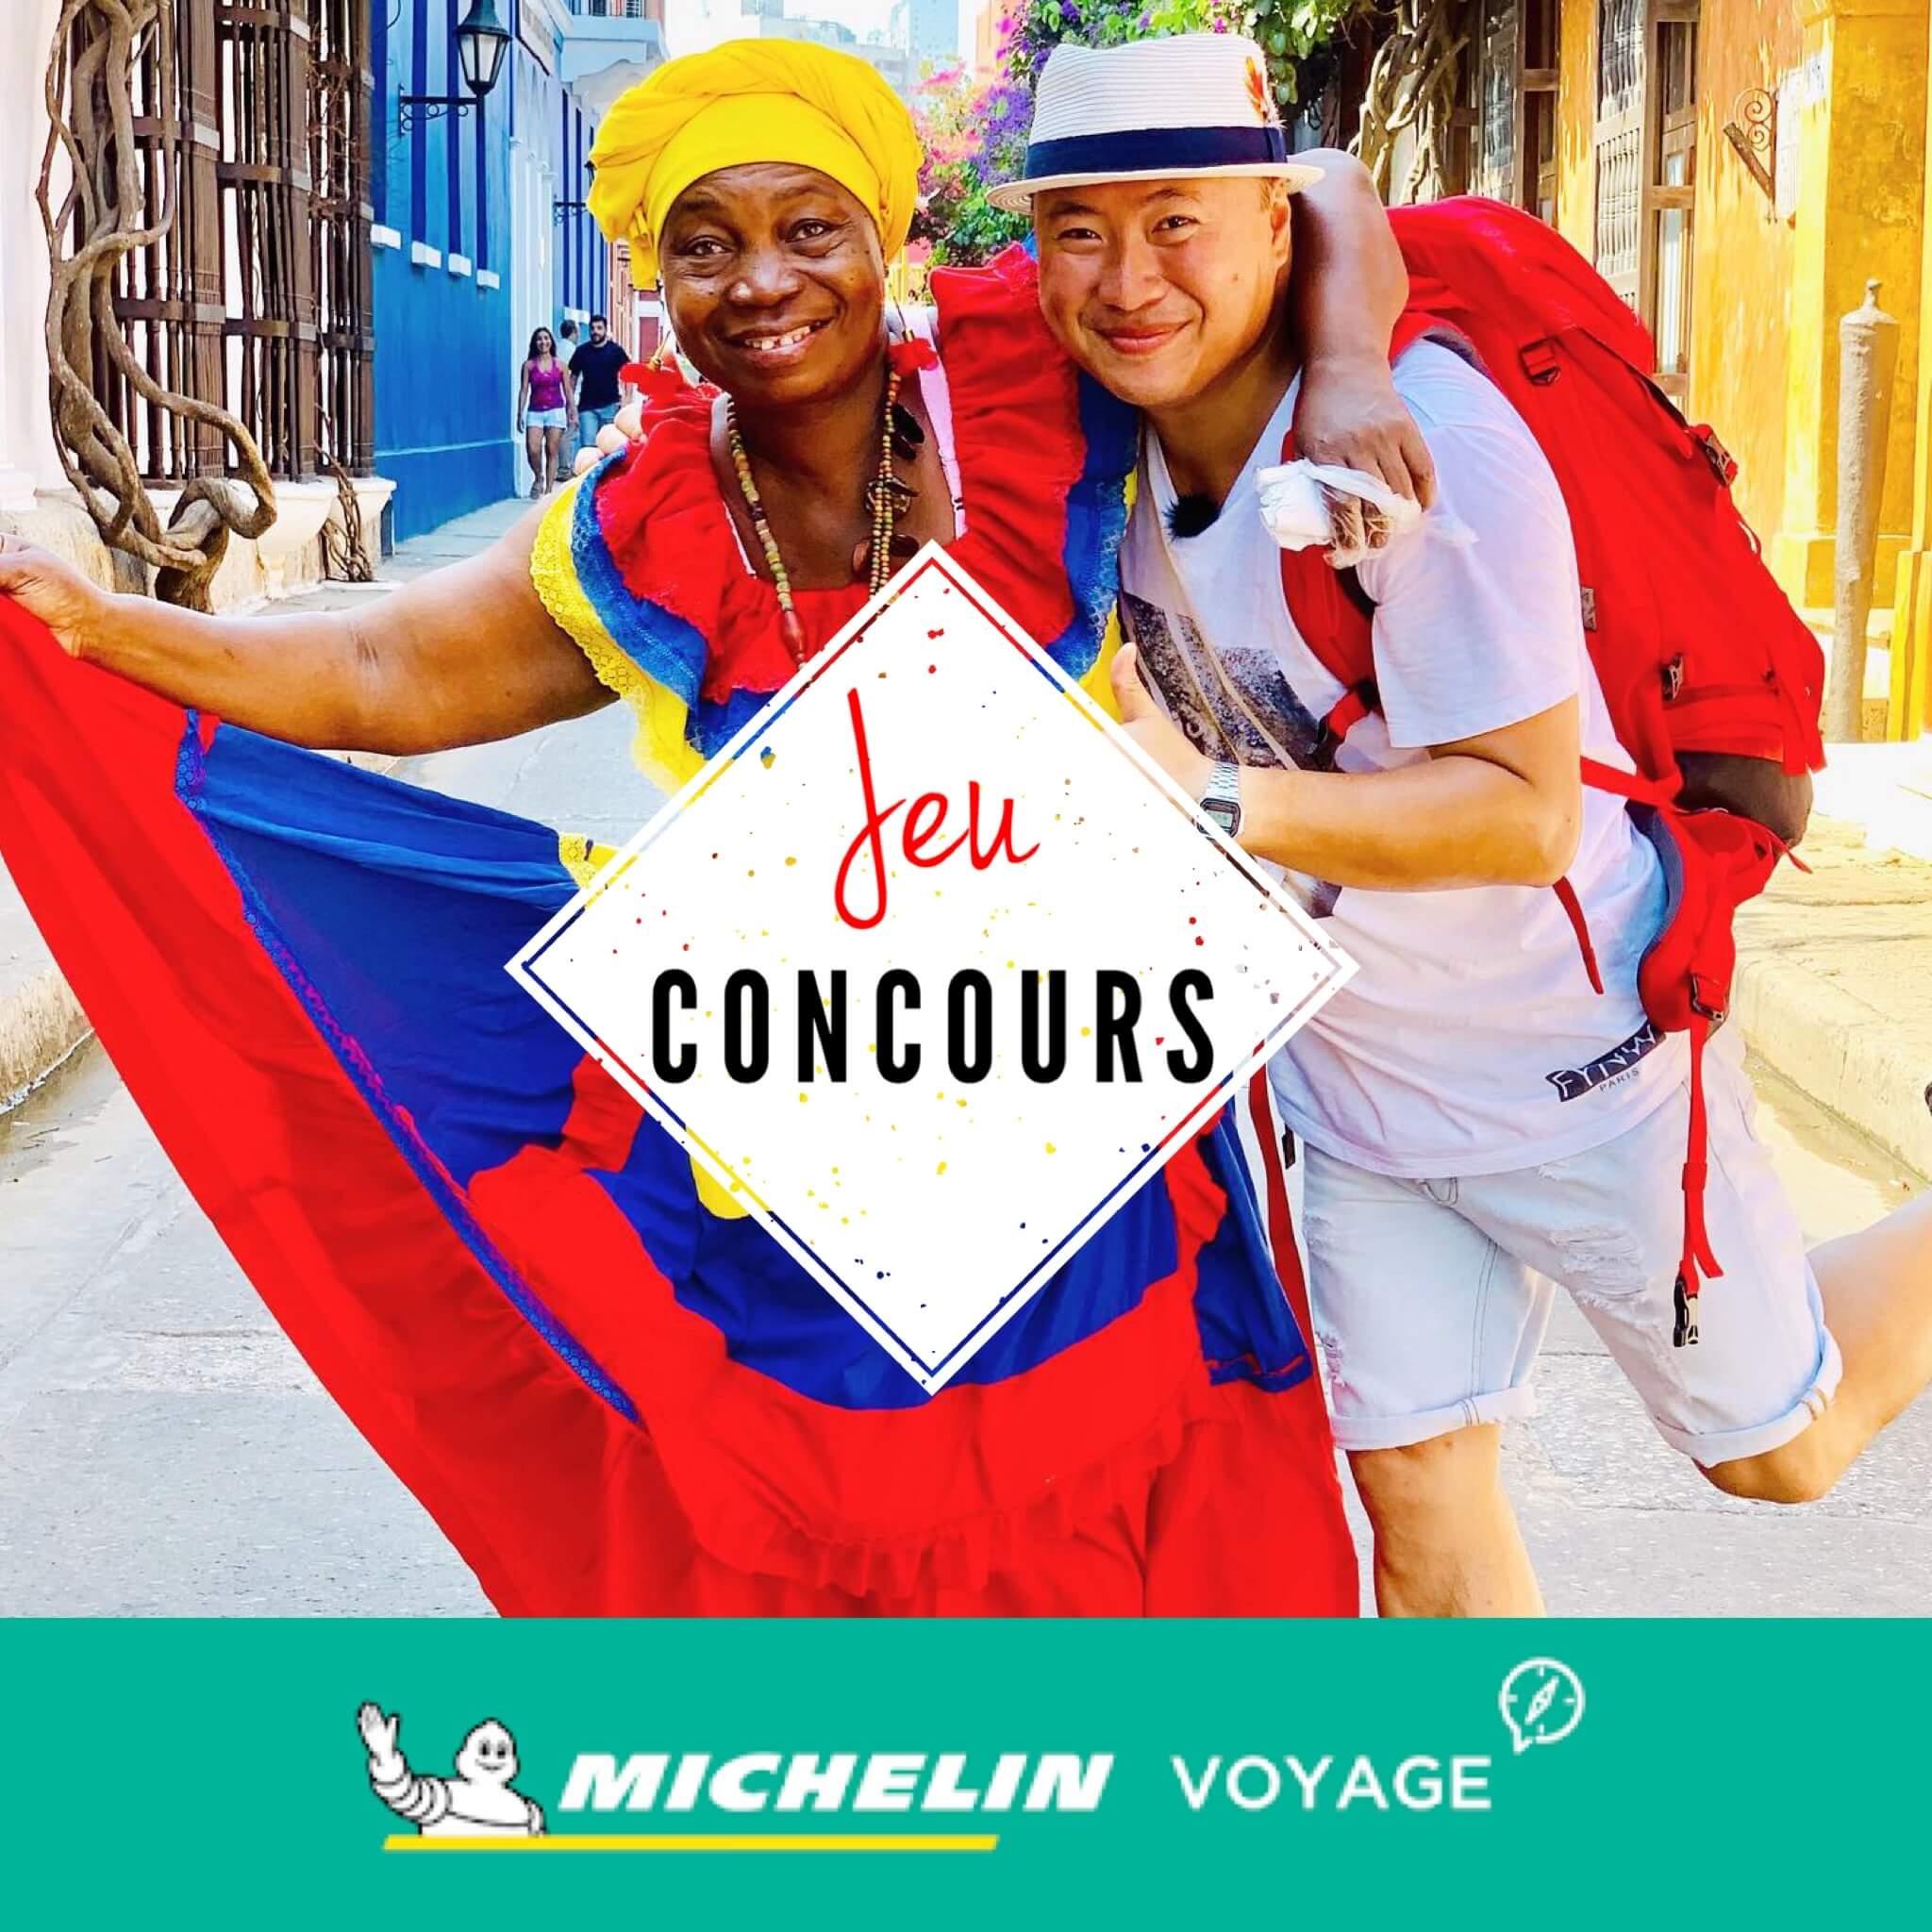 Jeu Concours, Hoang et Michelin Voyage